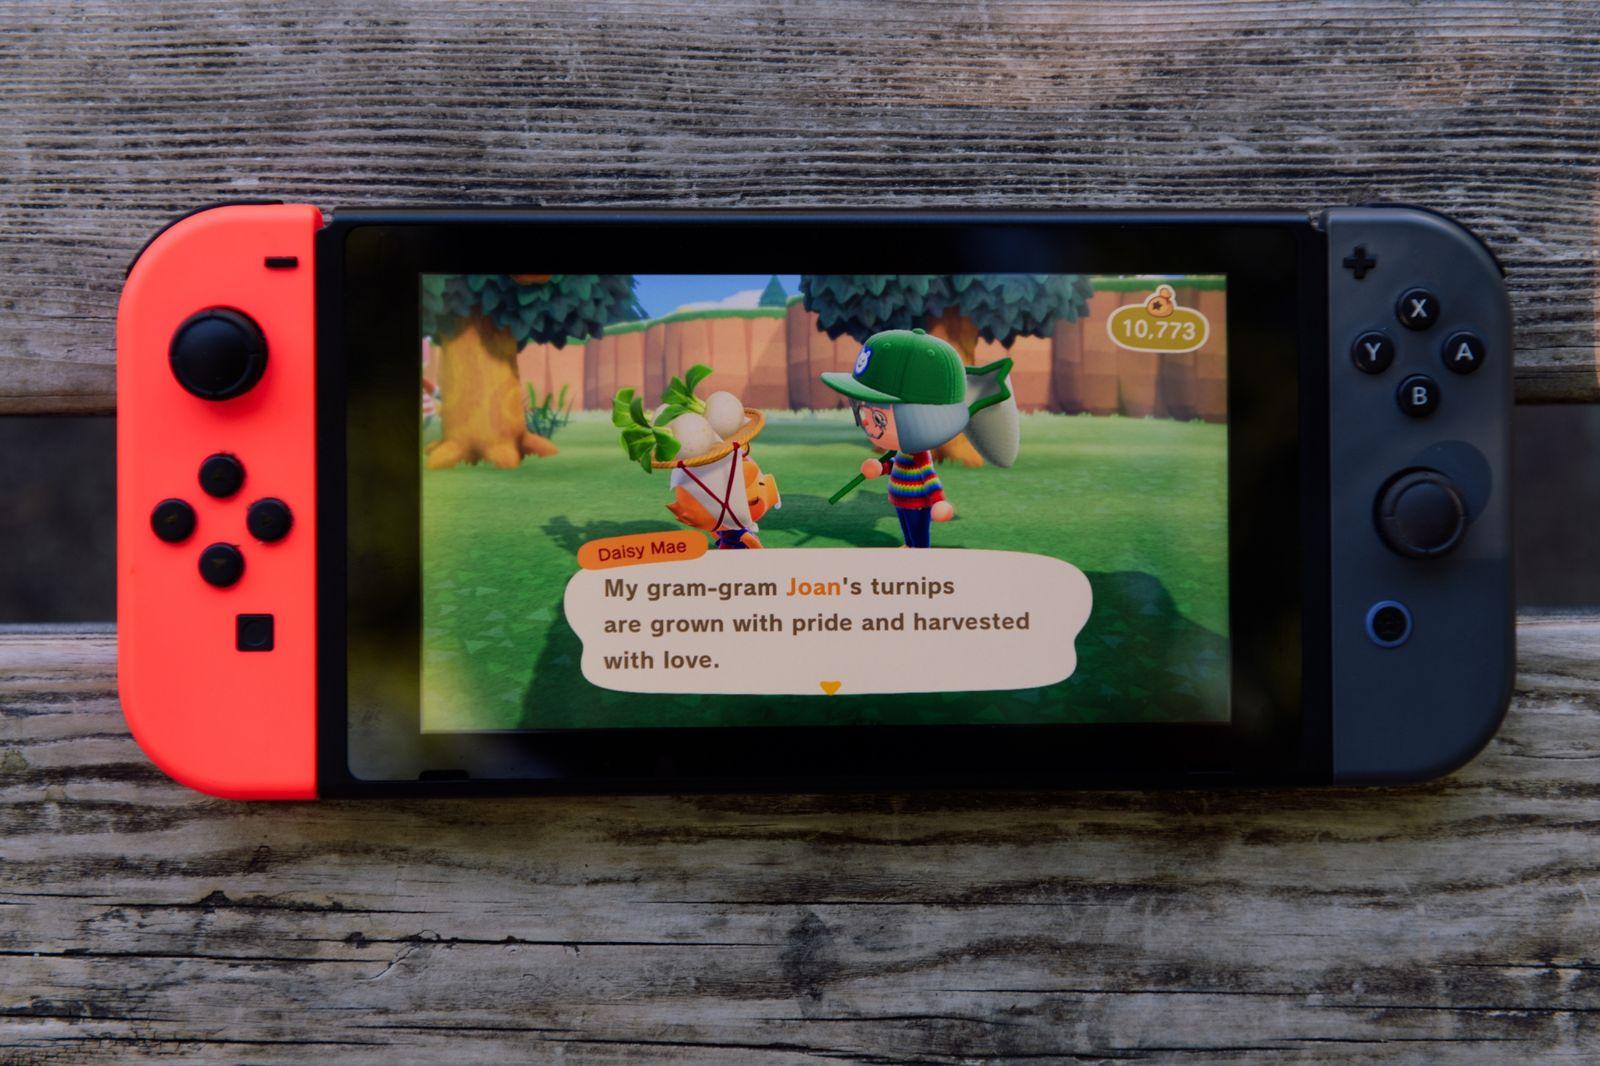 Nintendo dự định sẽ sử dụng màn hình OLED lớn hơn từ Samsung cho mẫu Switch mới của mình